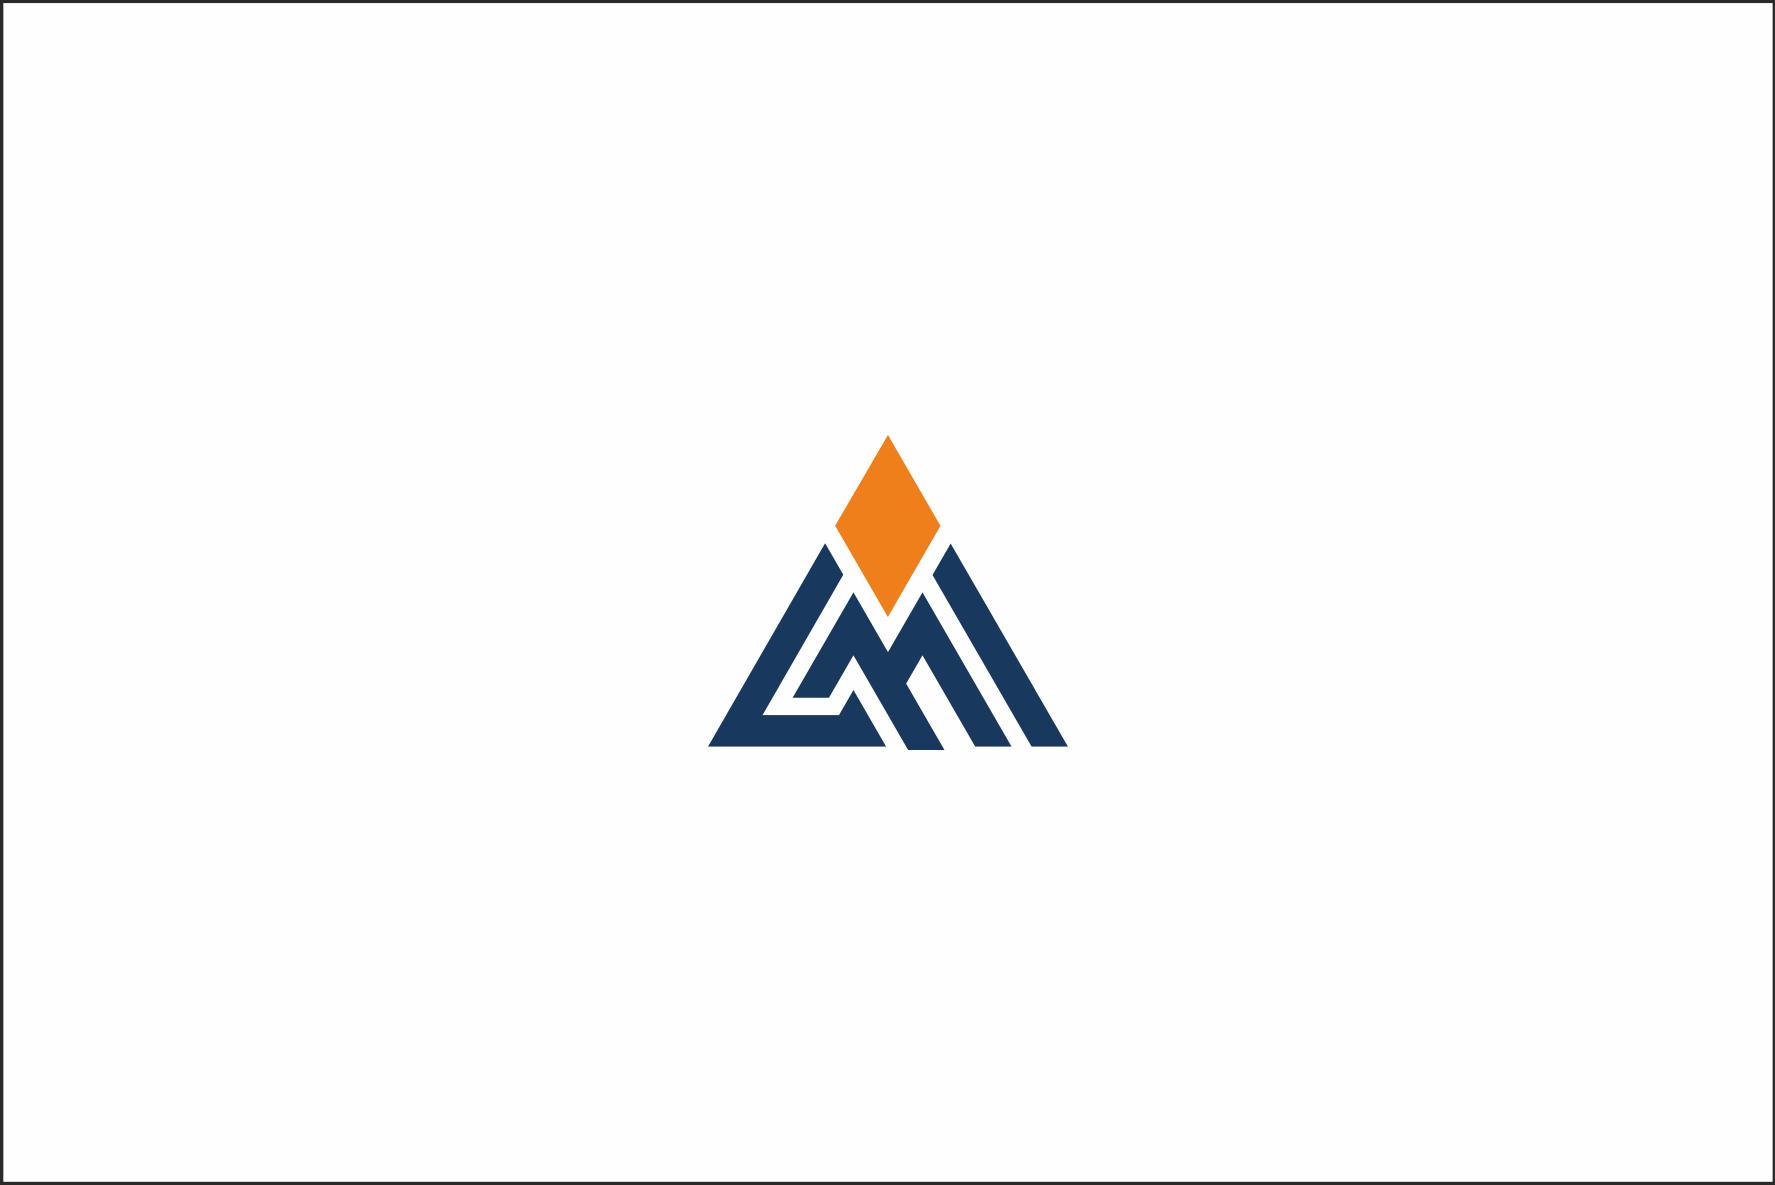 Разработка логотипа и фона фото f_1755994023d8ca65.png